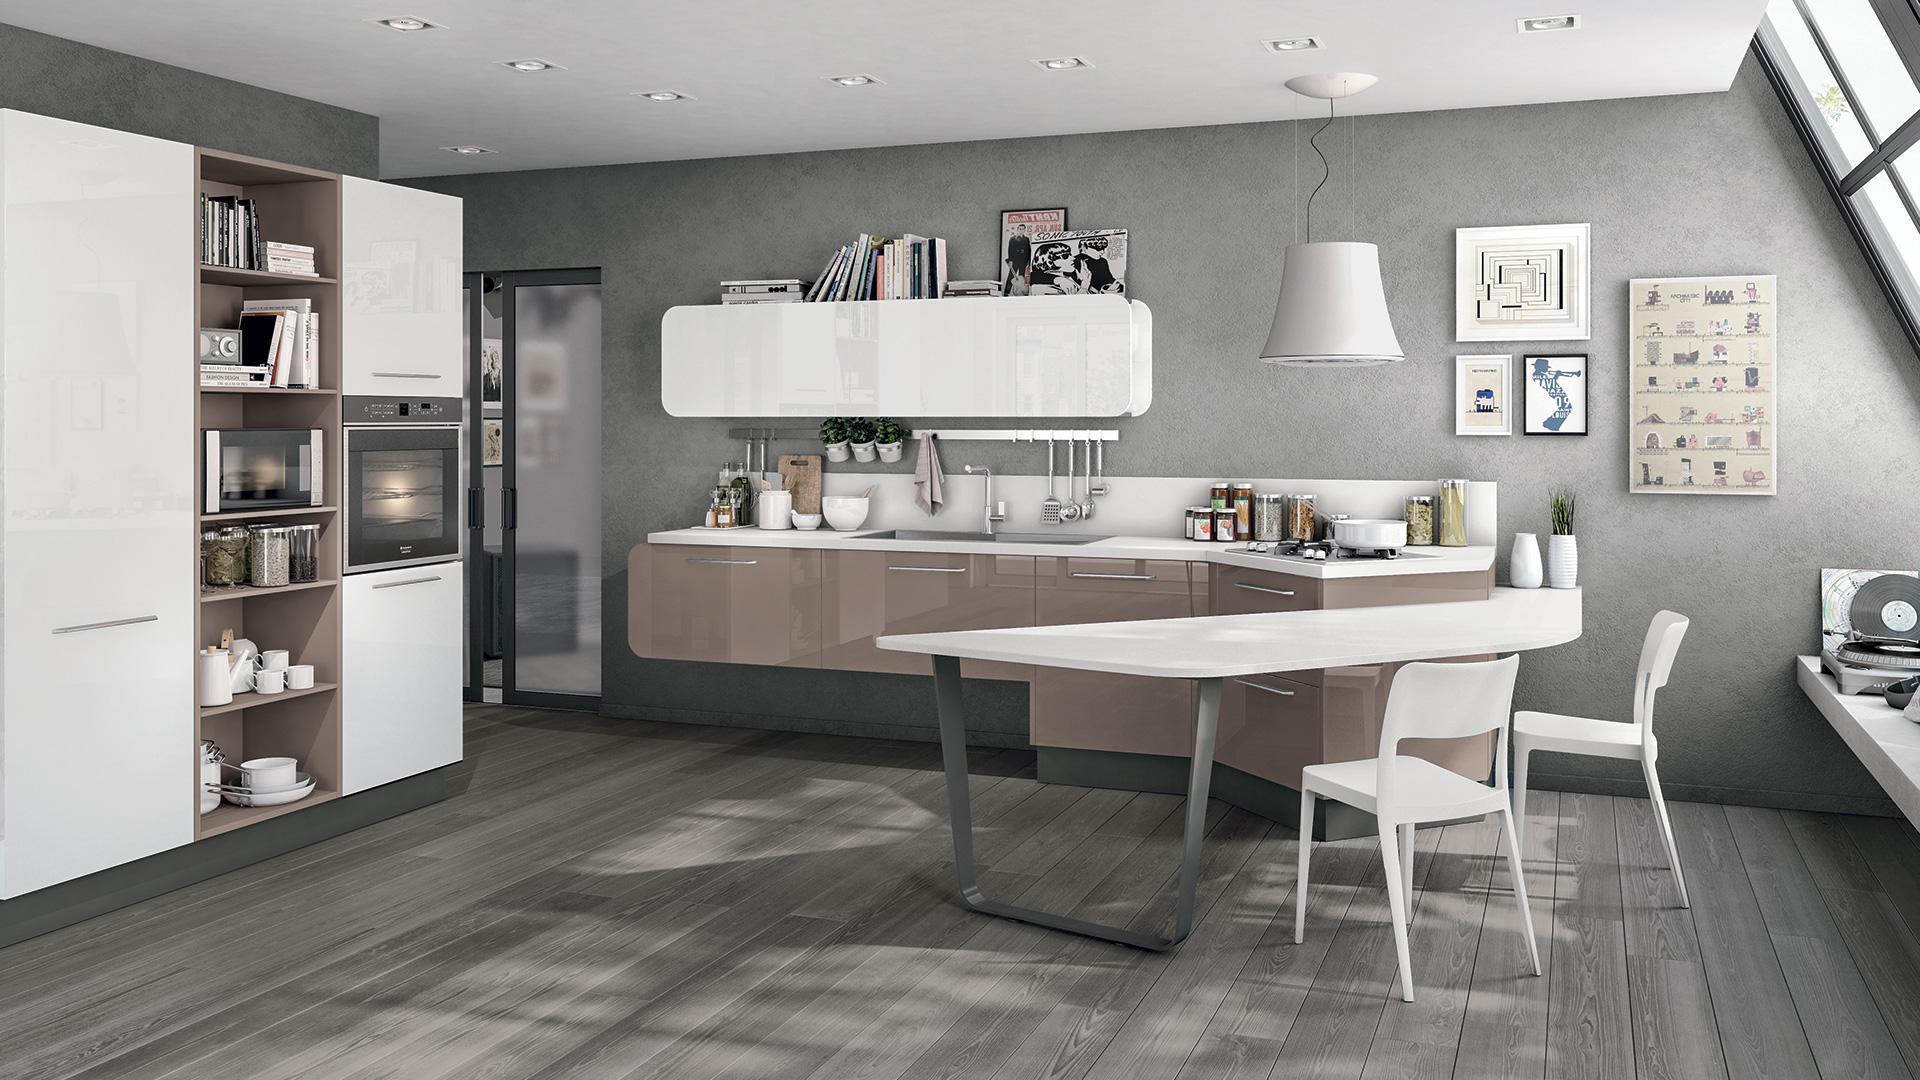 Immagina – Cucine Lube Roma e nuova linea Creo Kitchens